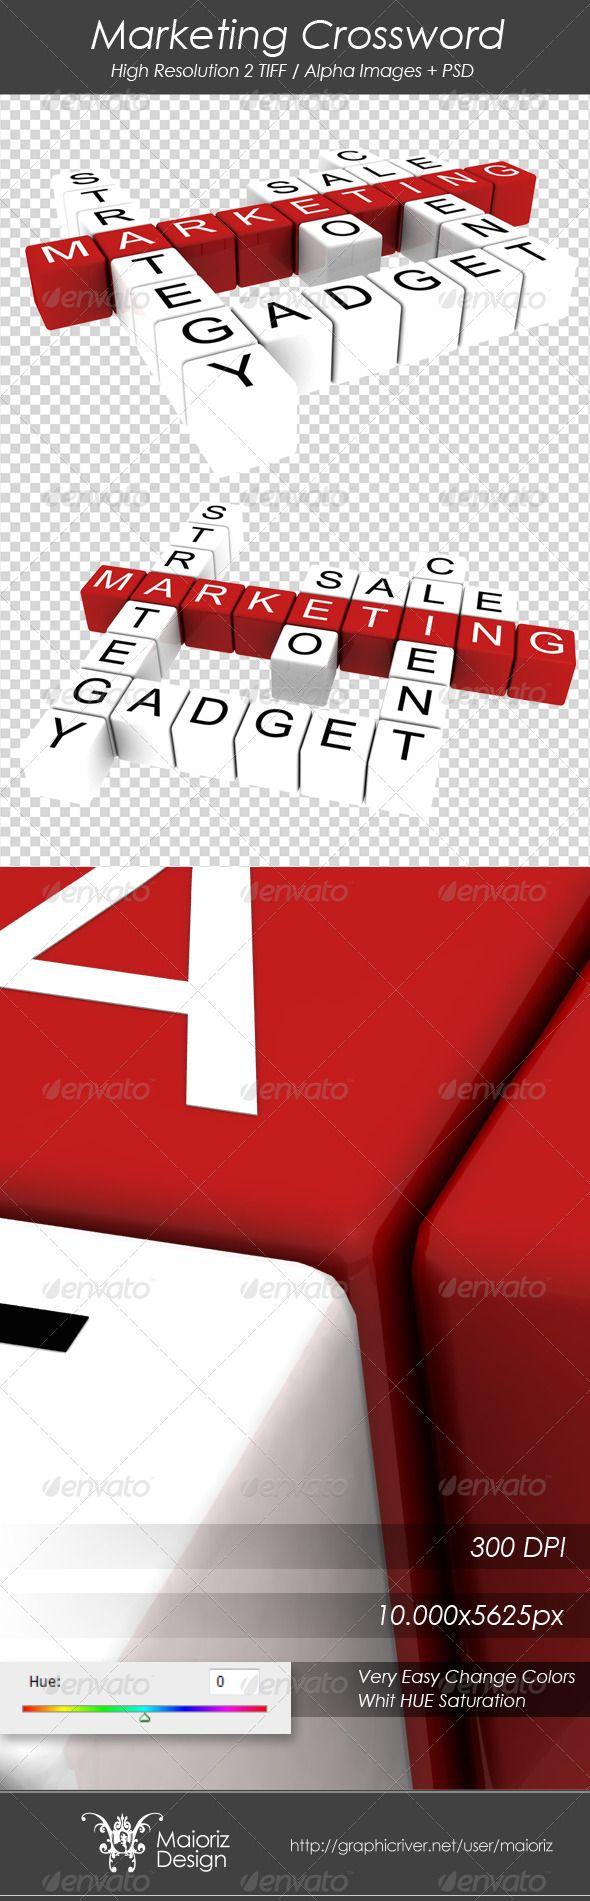 3D Text Graphics  Renders  Marketing Crossword 3D Text Graphics  Renders  Marketing Crossword  3D Text Graphics  Renders by maioriz